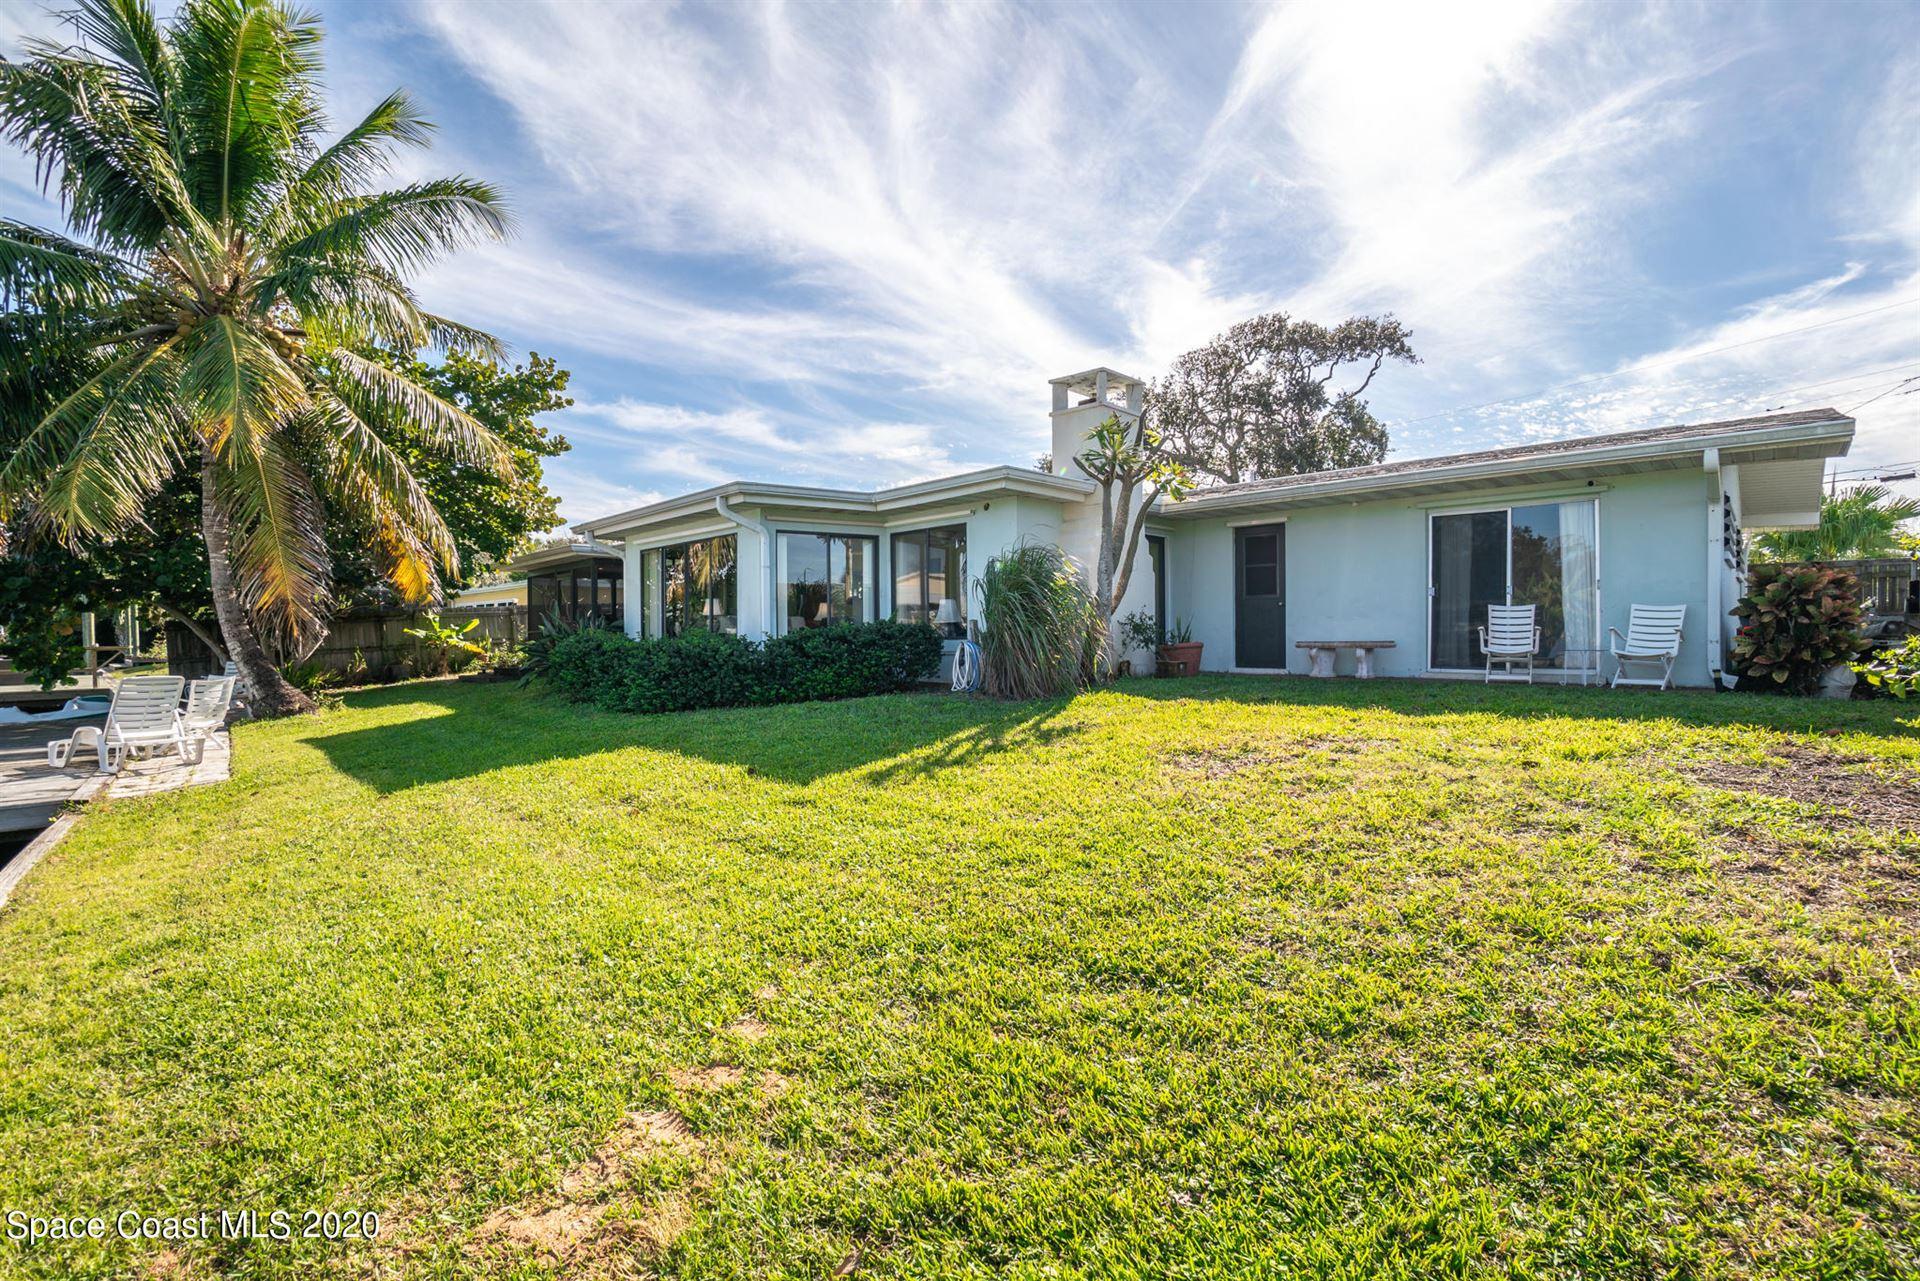 Photo for 469 Capri Road, Cocoa Beach, FL 32931 (MLS # 892949)